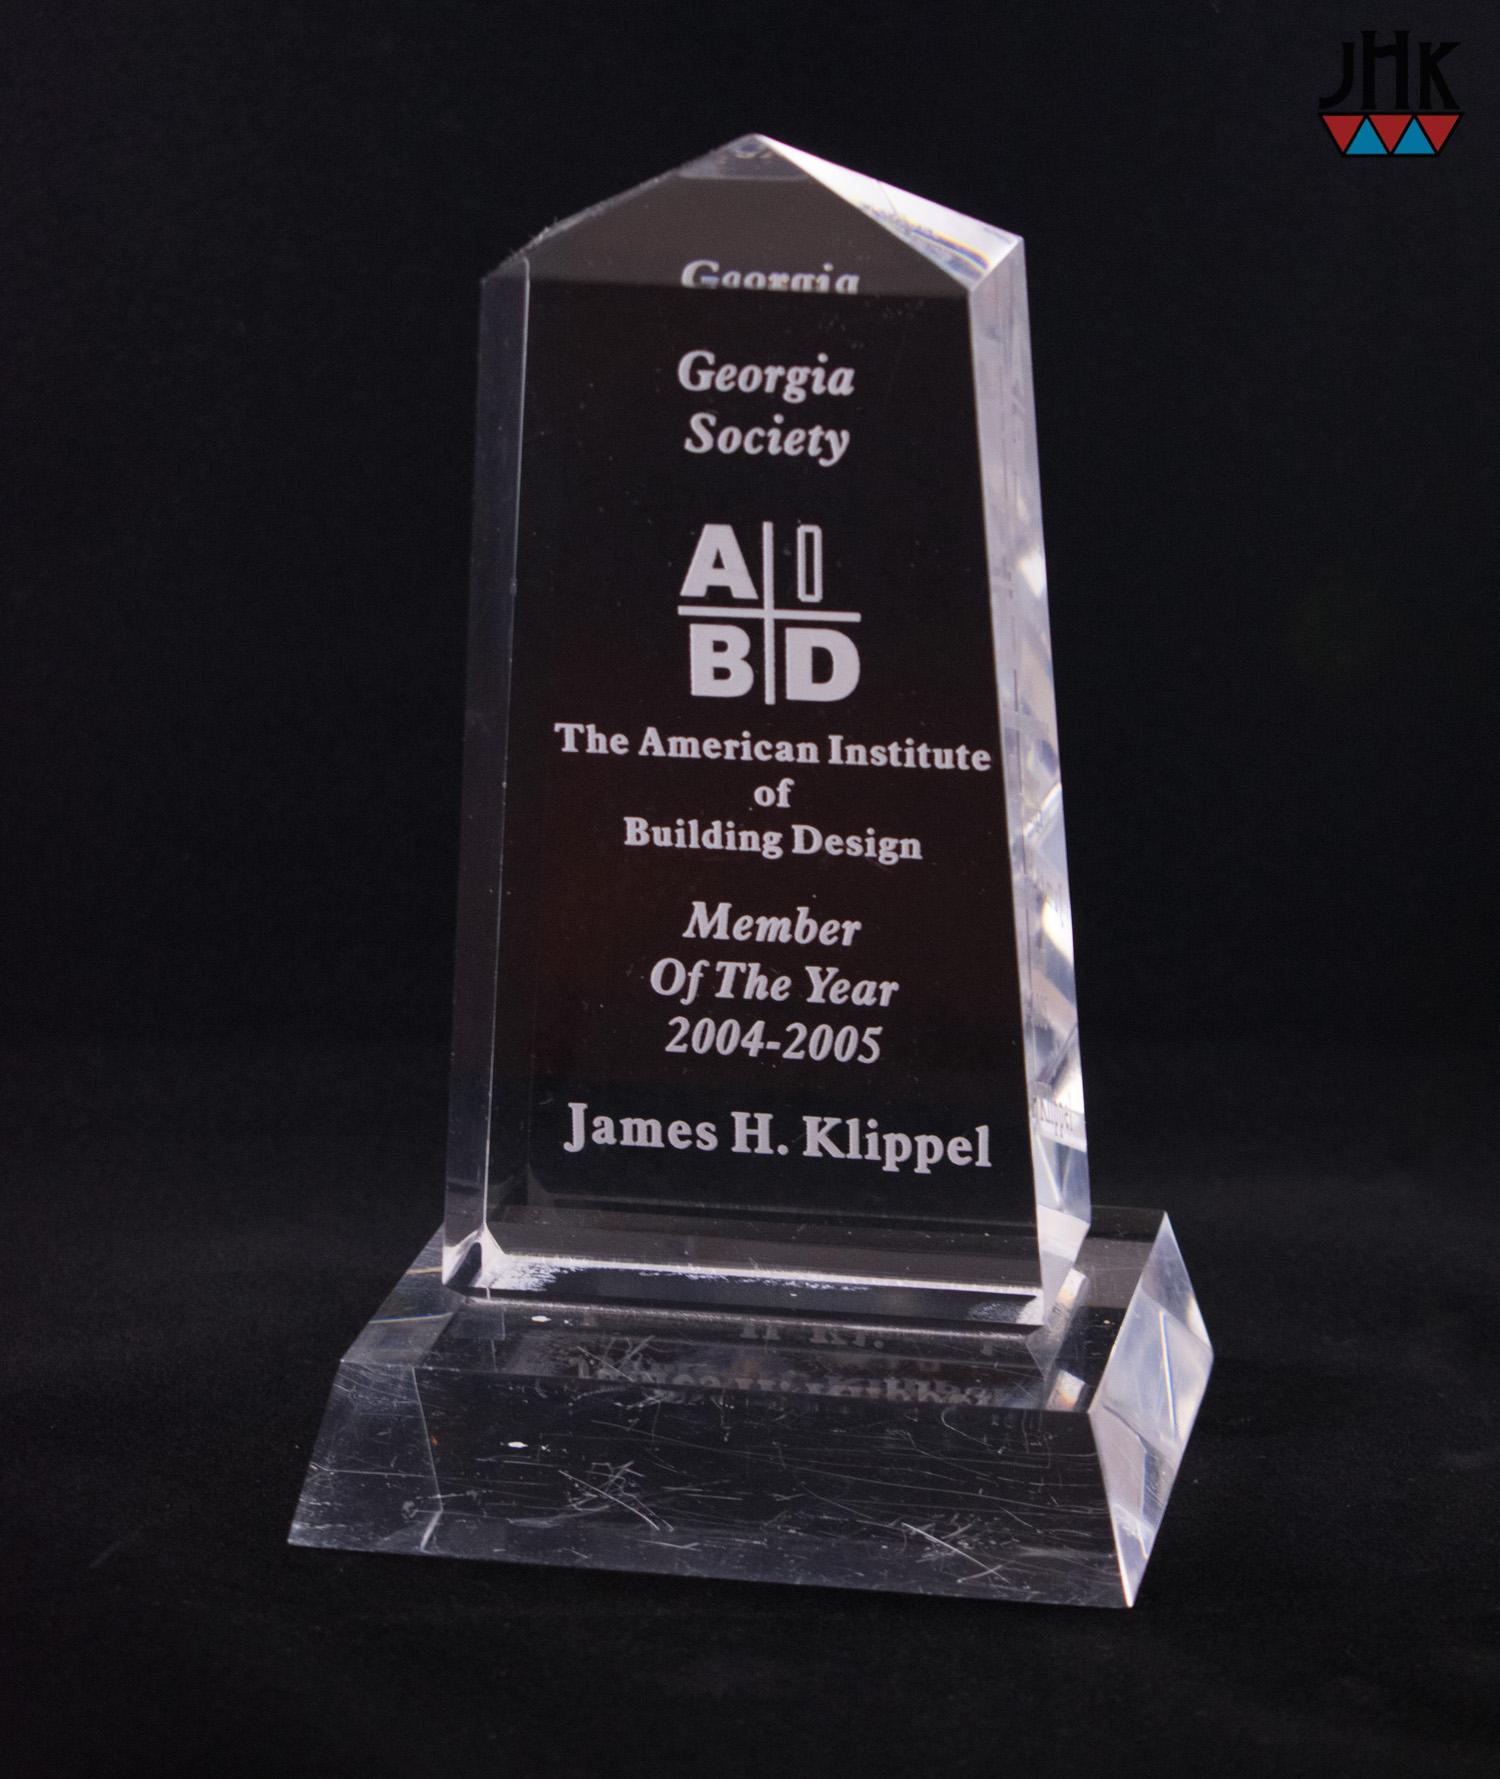 aibd member of the year jim klippel 2005-1.jpg